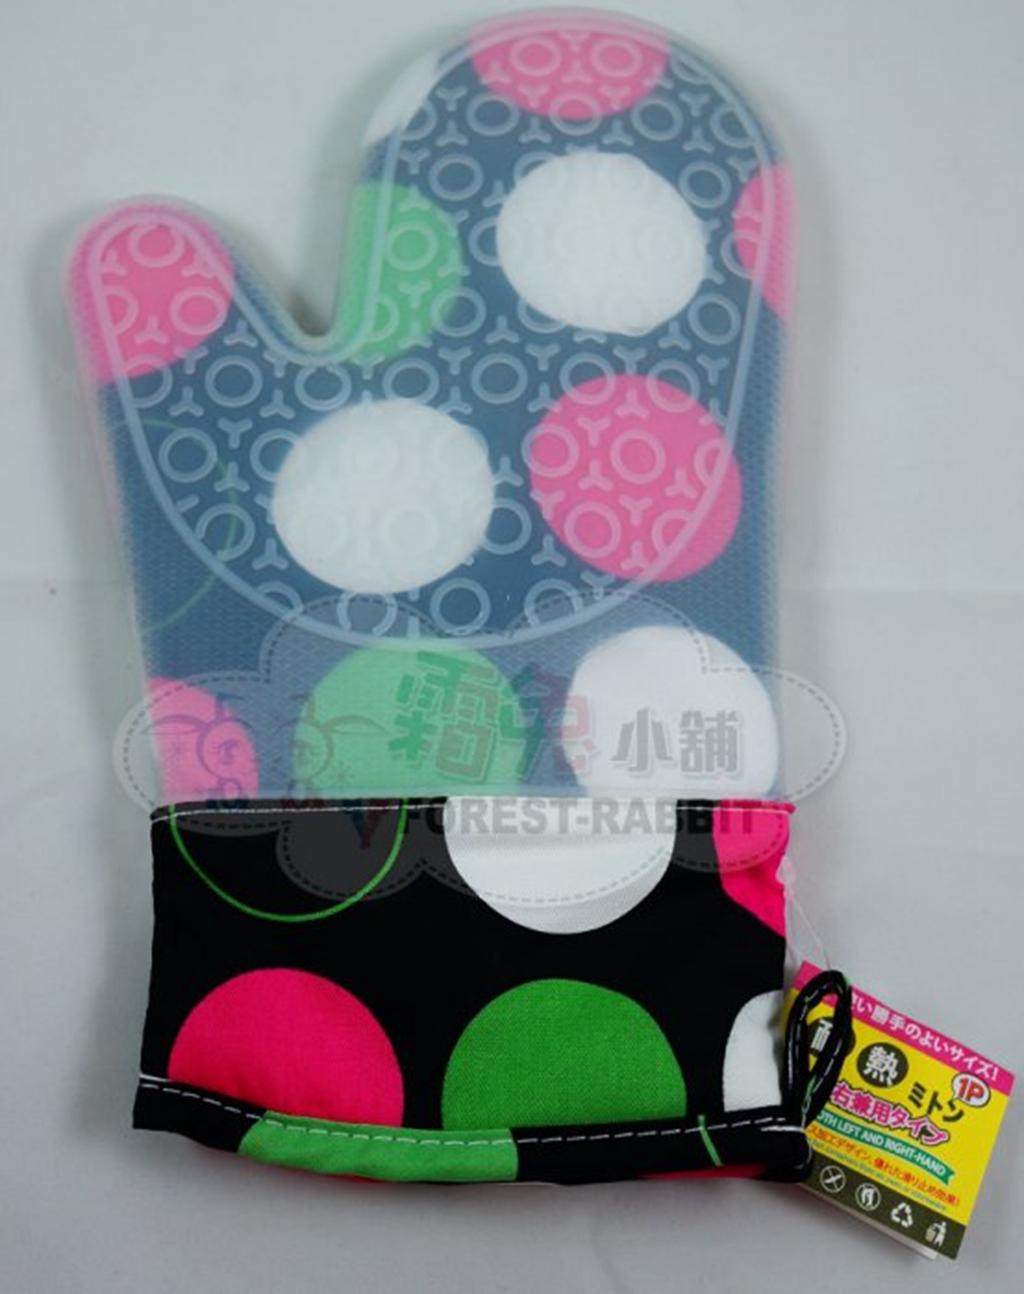 [霜兔小舖]日本矽膠隔熱手套-雙層隔熱 防燙 烘焙烤物 烤箱 -彩色大圓點